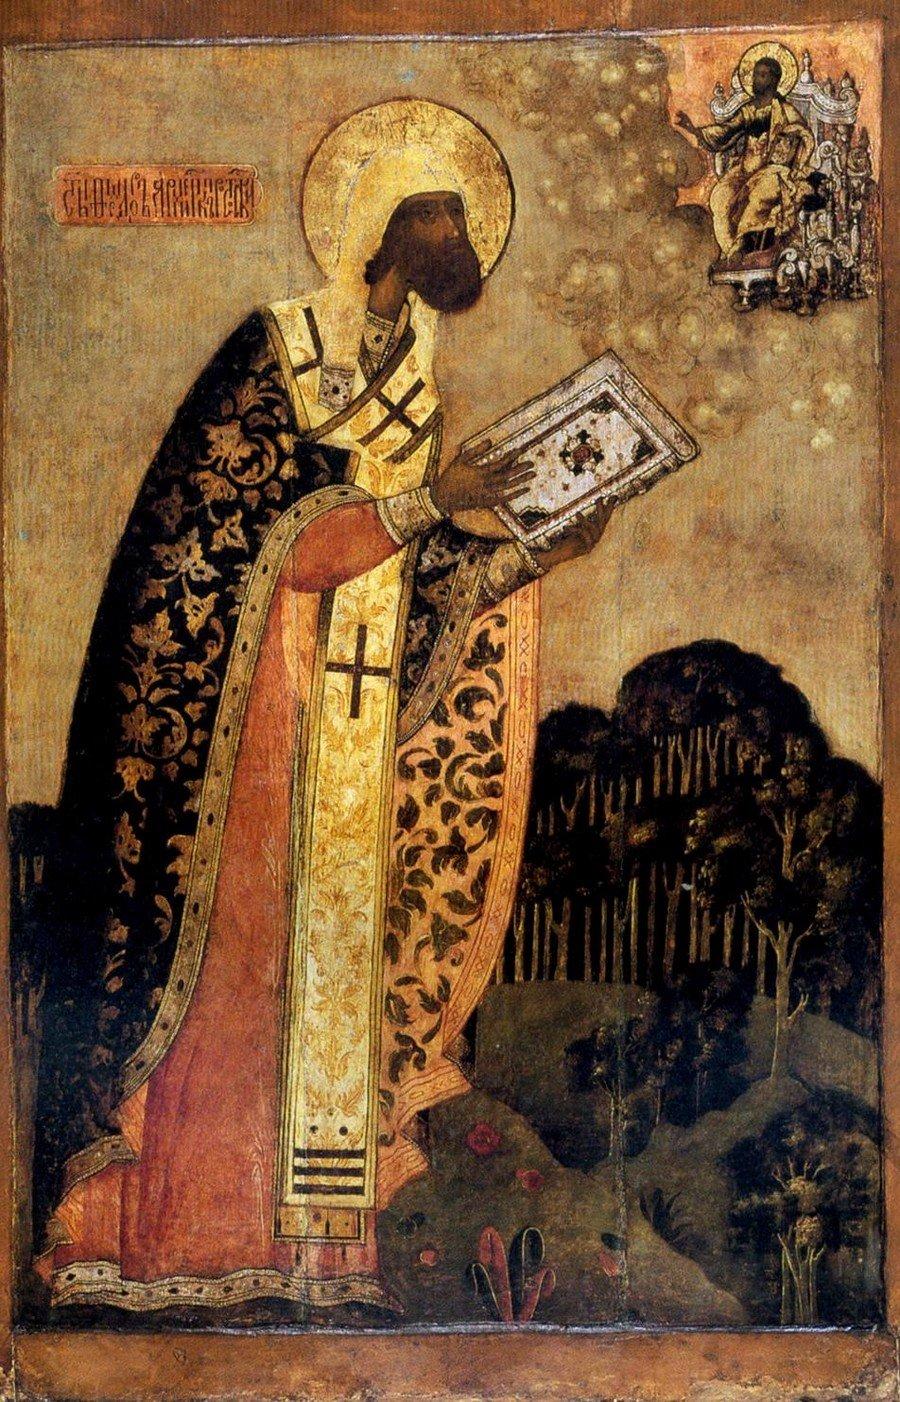 Святитель Феодор, Архиепископ Ростовский. Икона. Ростов Великий, XVII век.